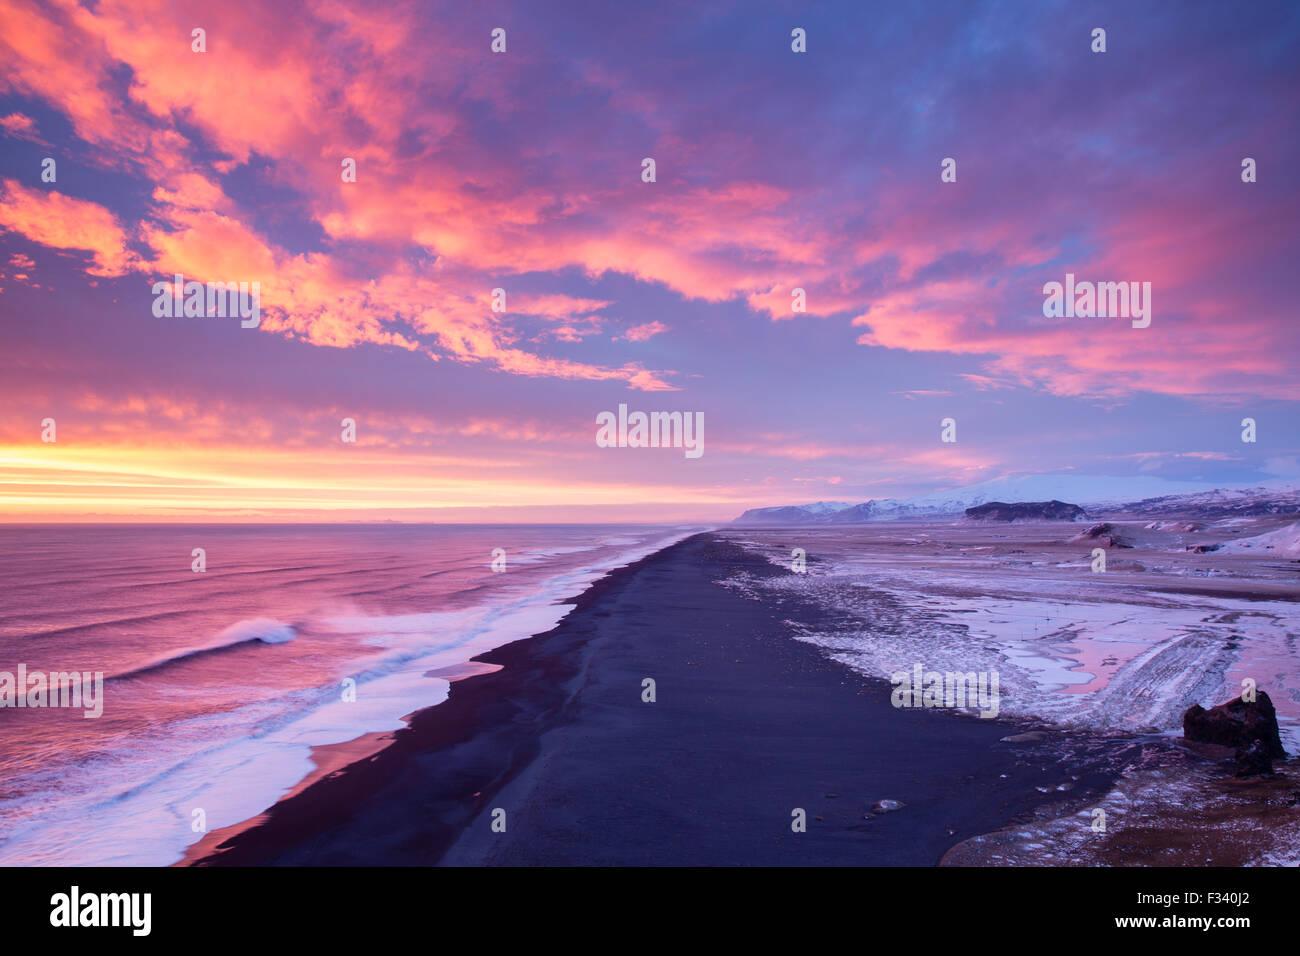 La spiaggia guardando ad ovest da Dyrhólaey al crepuscolo, Islanda Immagini Stock